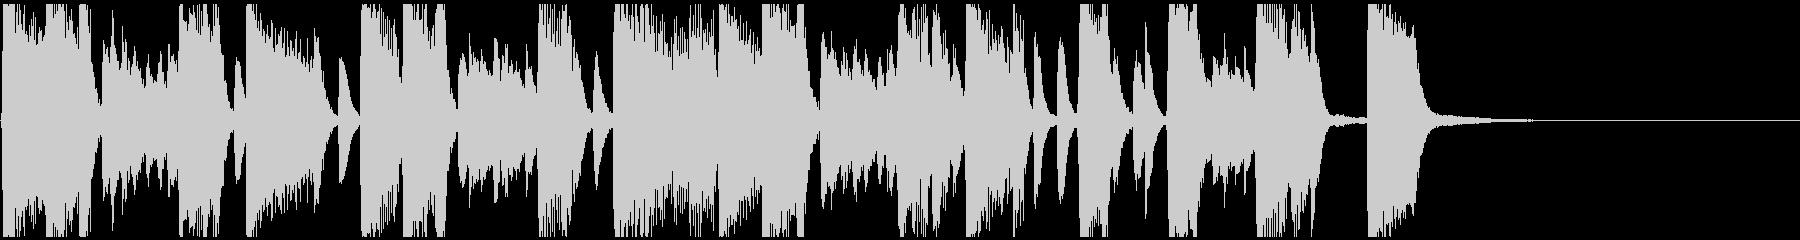 沖縄音階のJAZZ風ピアノジングルの未再生の波形